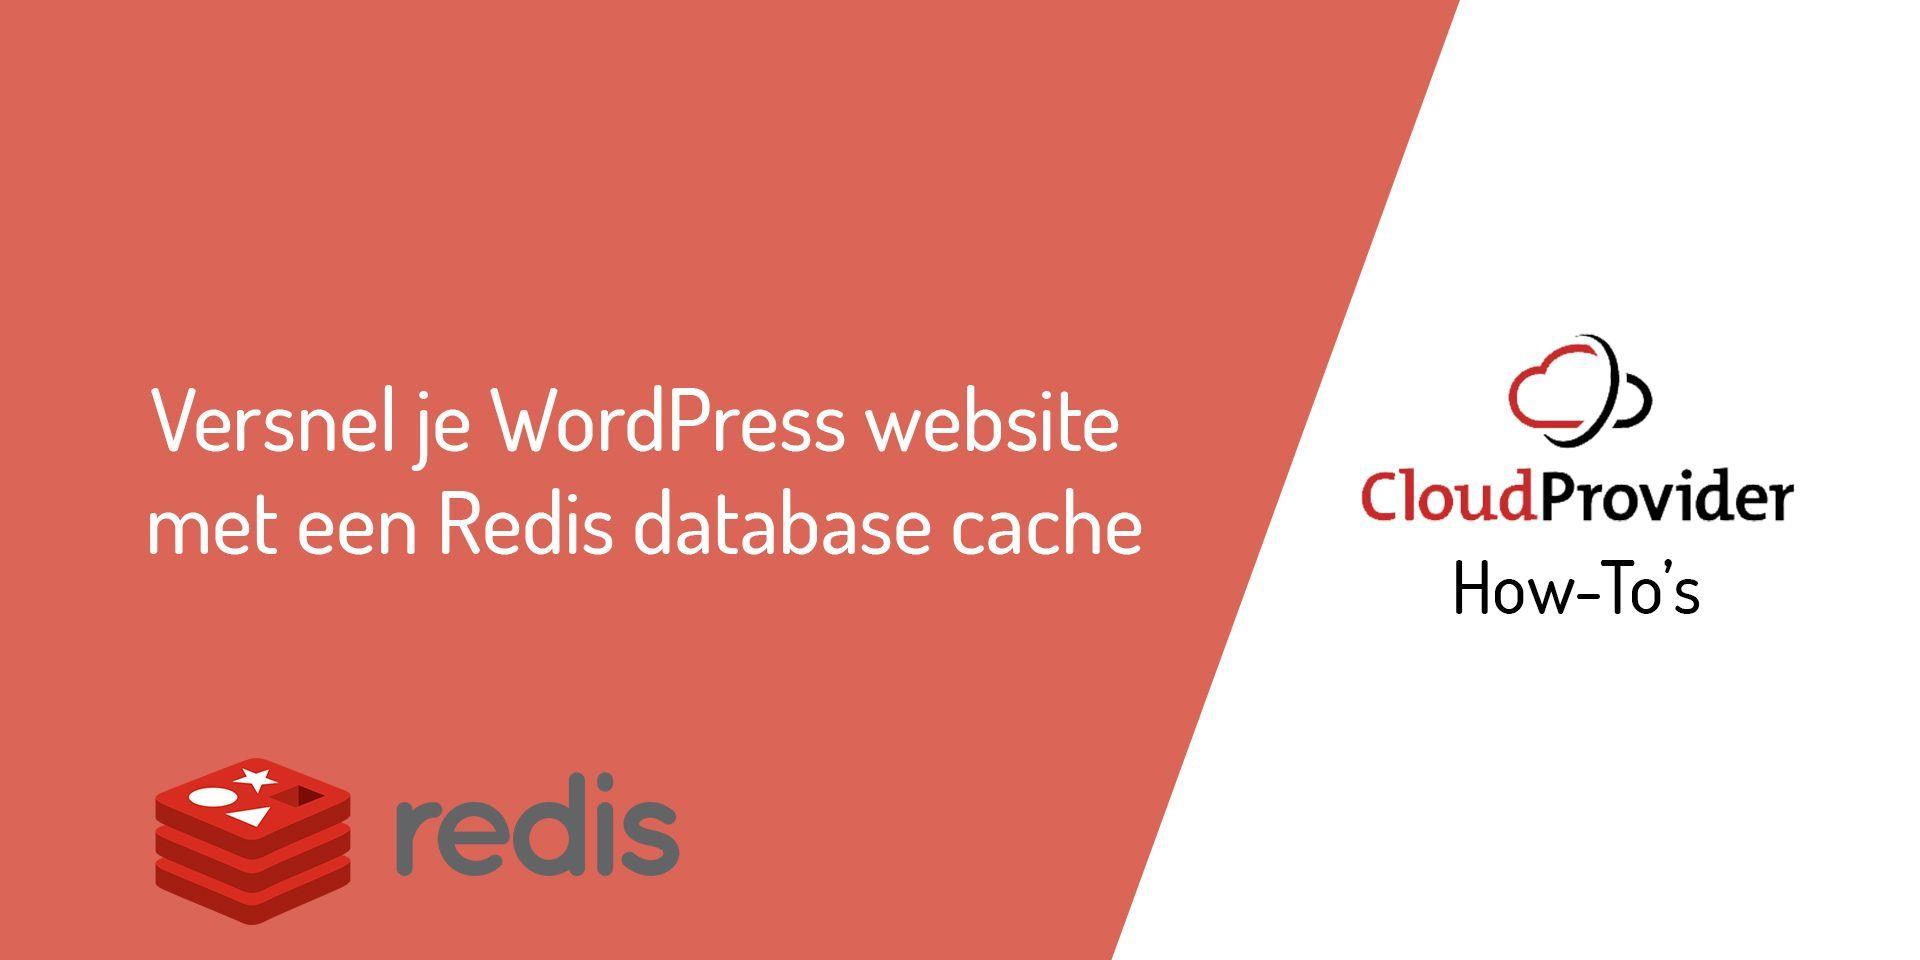 Versnel je WordPress website met een Redis database cache